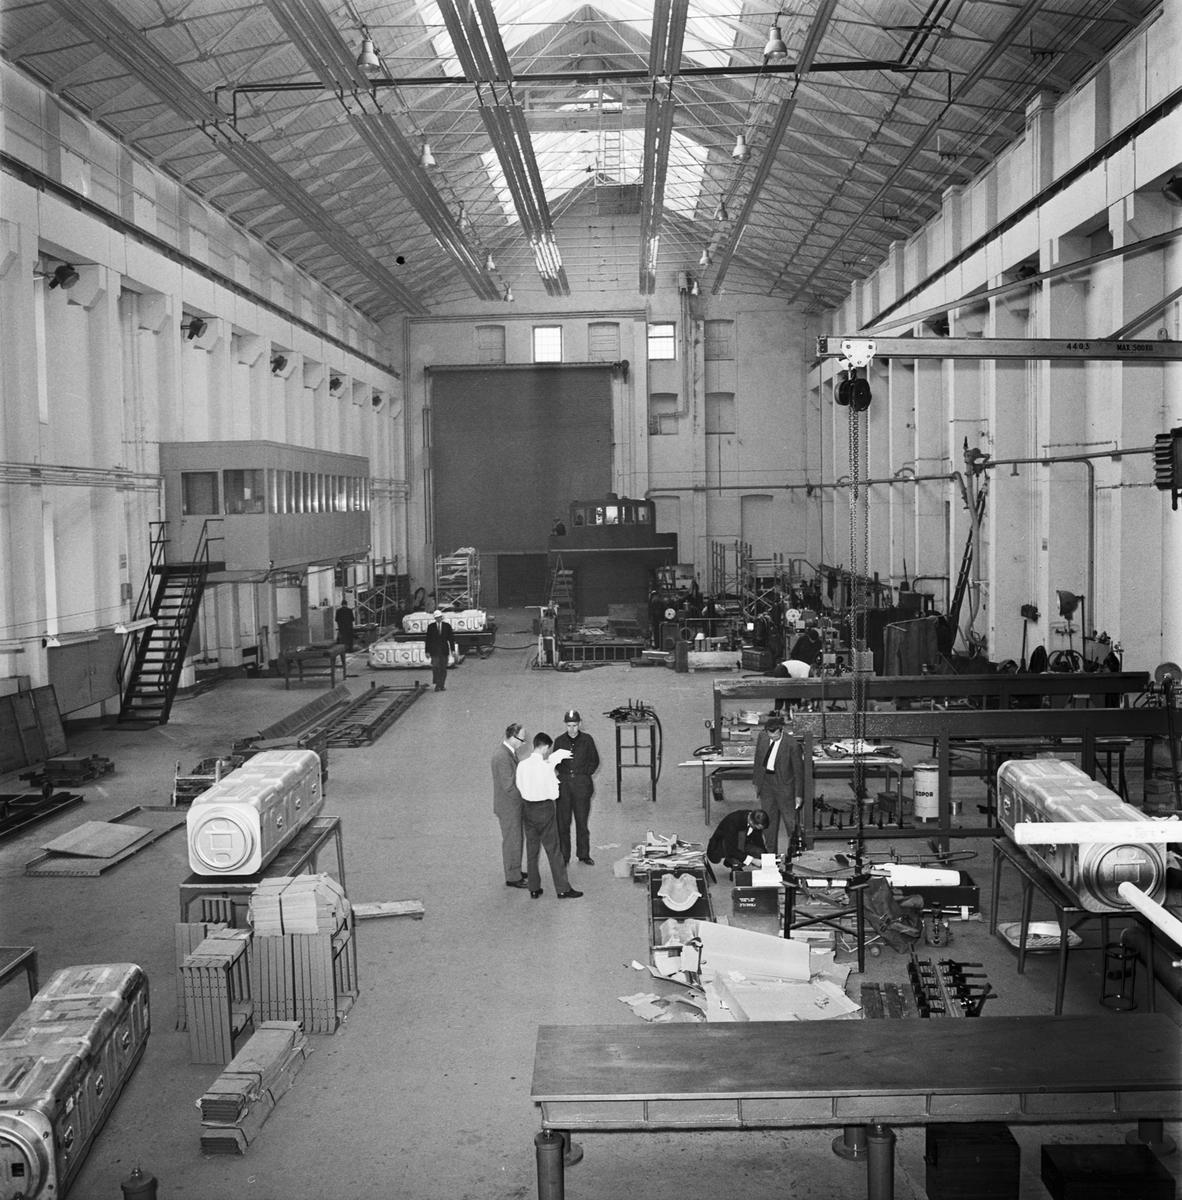 Övrigt: Foto datum: 24/9 1964 Verkstäder och personal. Lärlingsskolan, g:a pannverkstan uppfinning. Närmast identisk bild: V28966, ej skannad